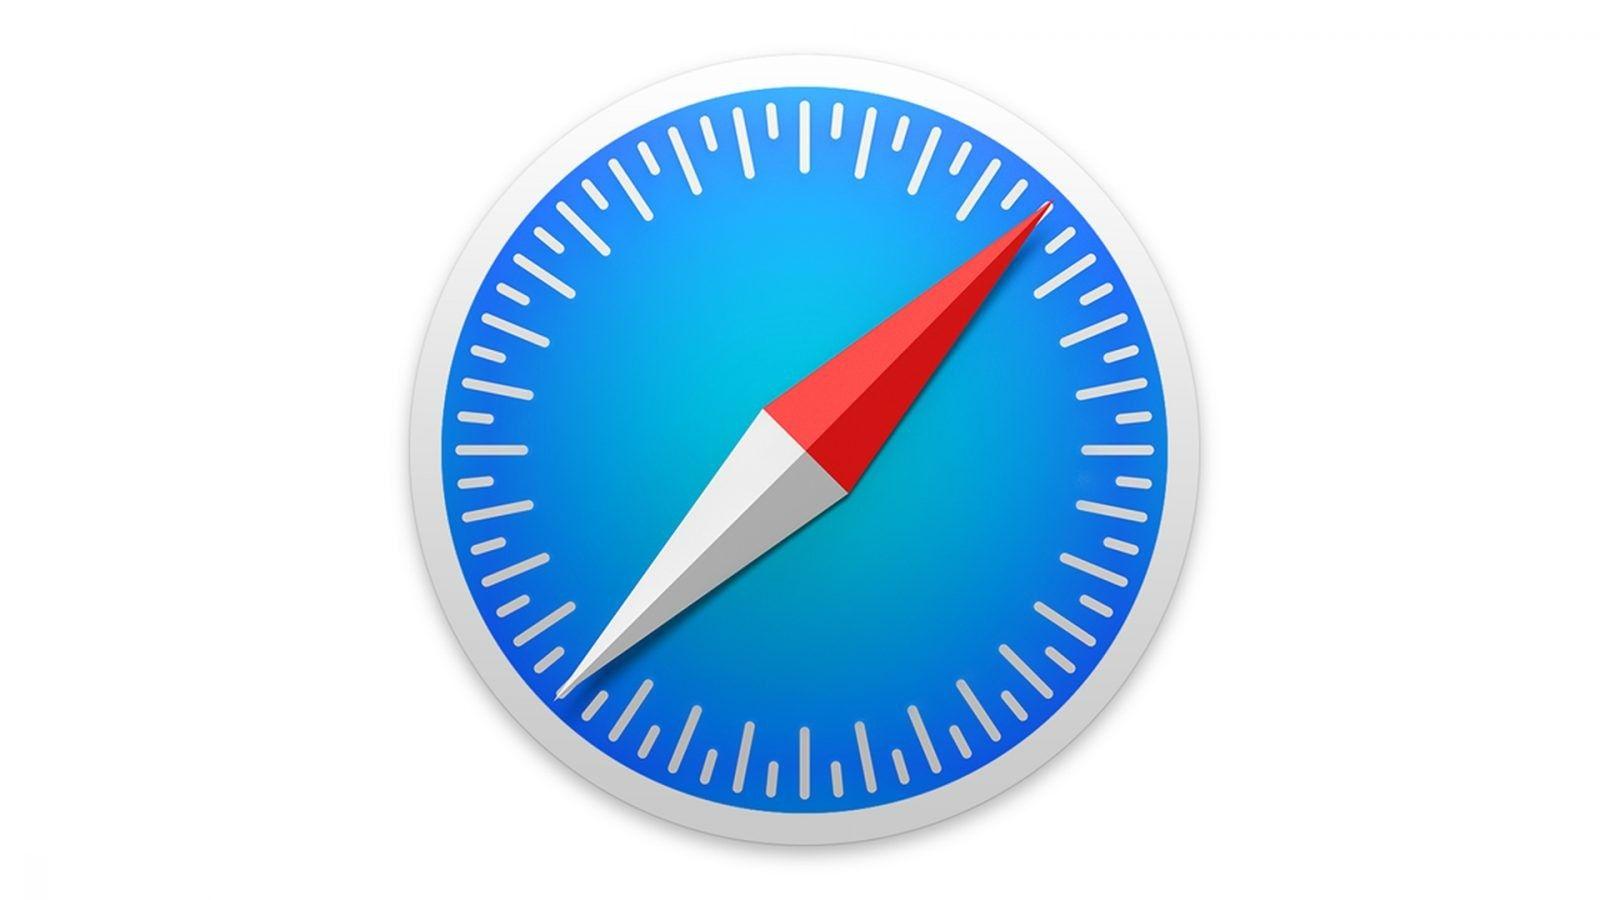 Jak zablokować automatyczne włączanie filmów w przeglądarce Safari na Mac?